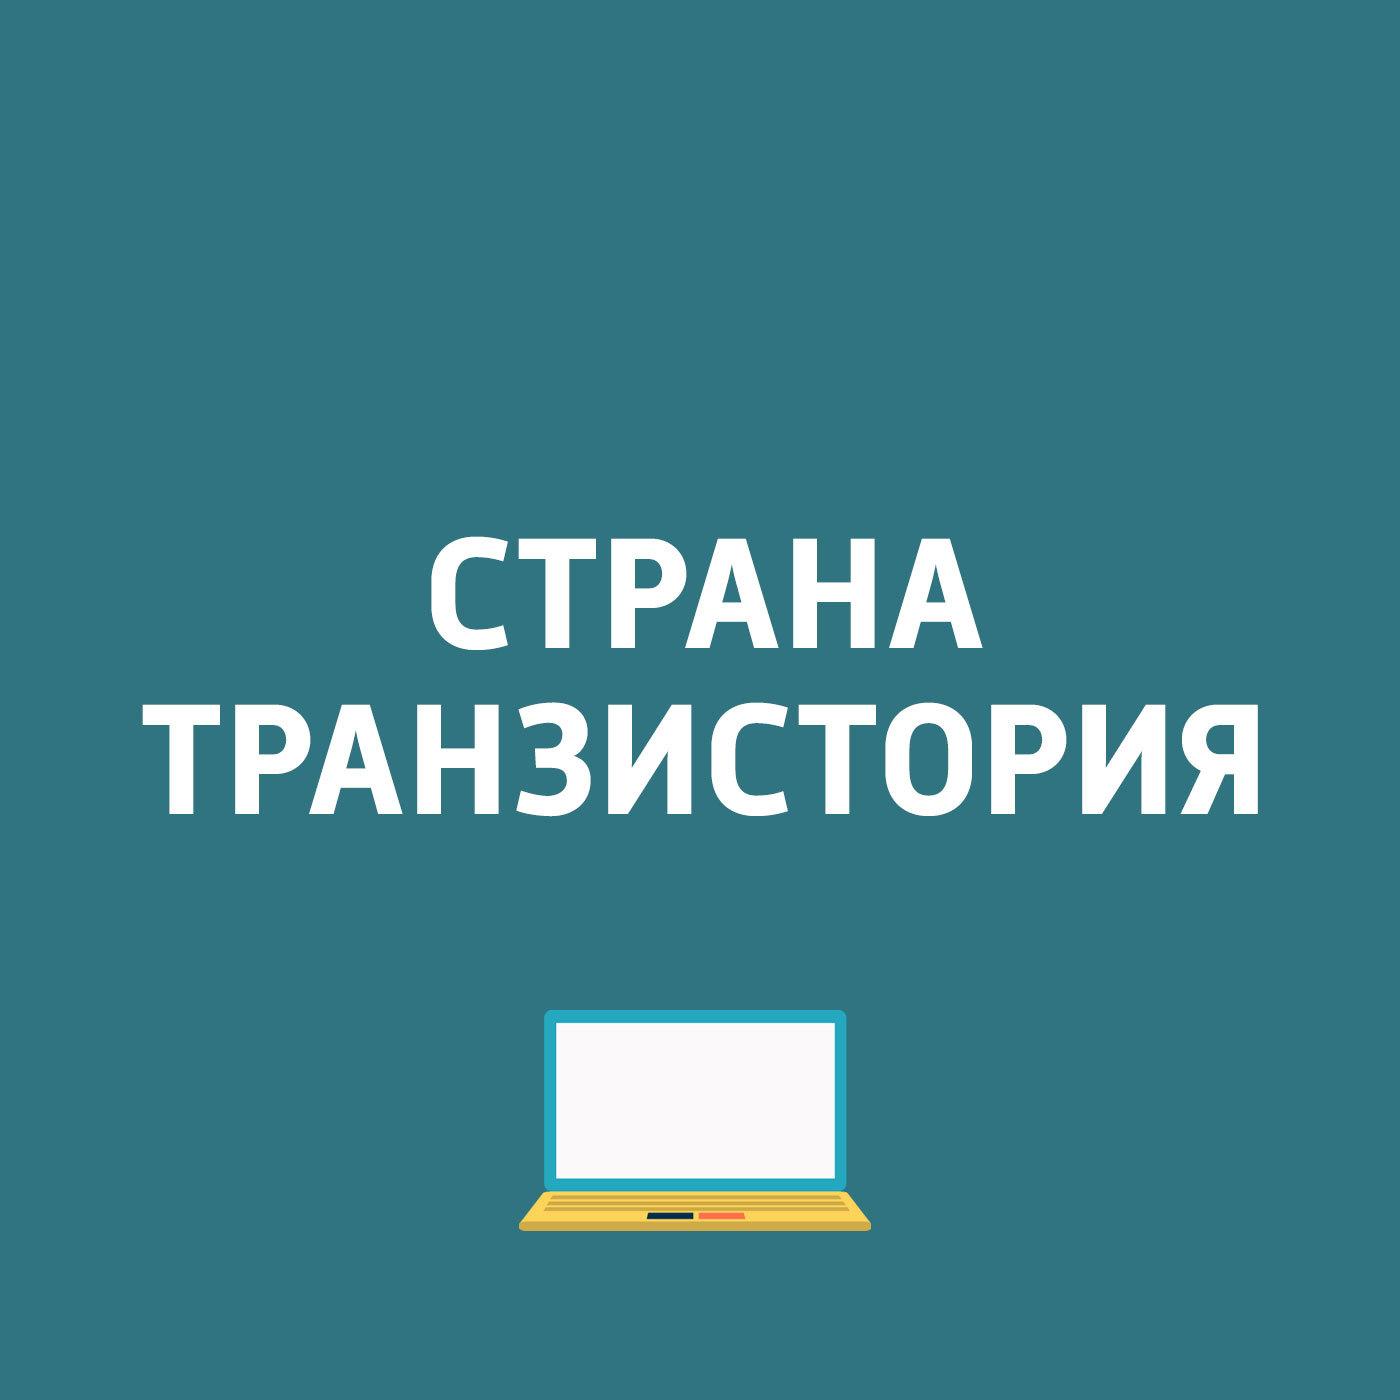 Картаев Павел Смартфон Xiaomi Mi6X; Hisense приходит на российский рынок; Власти Бельгии прировняли лутбоксы к азартным играм картаев павел oppo возвращается на российский рынок